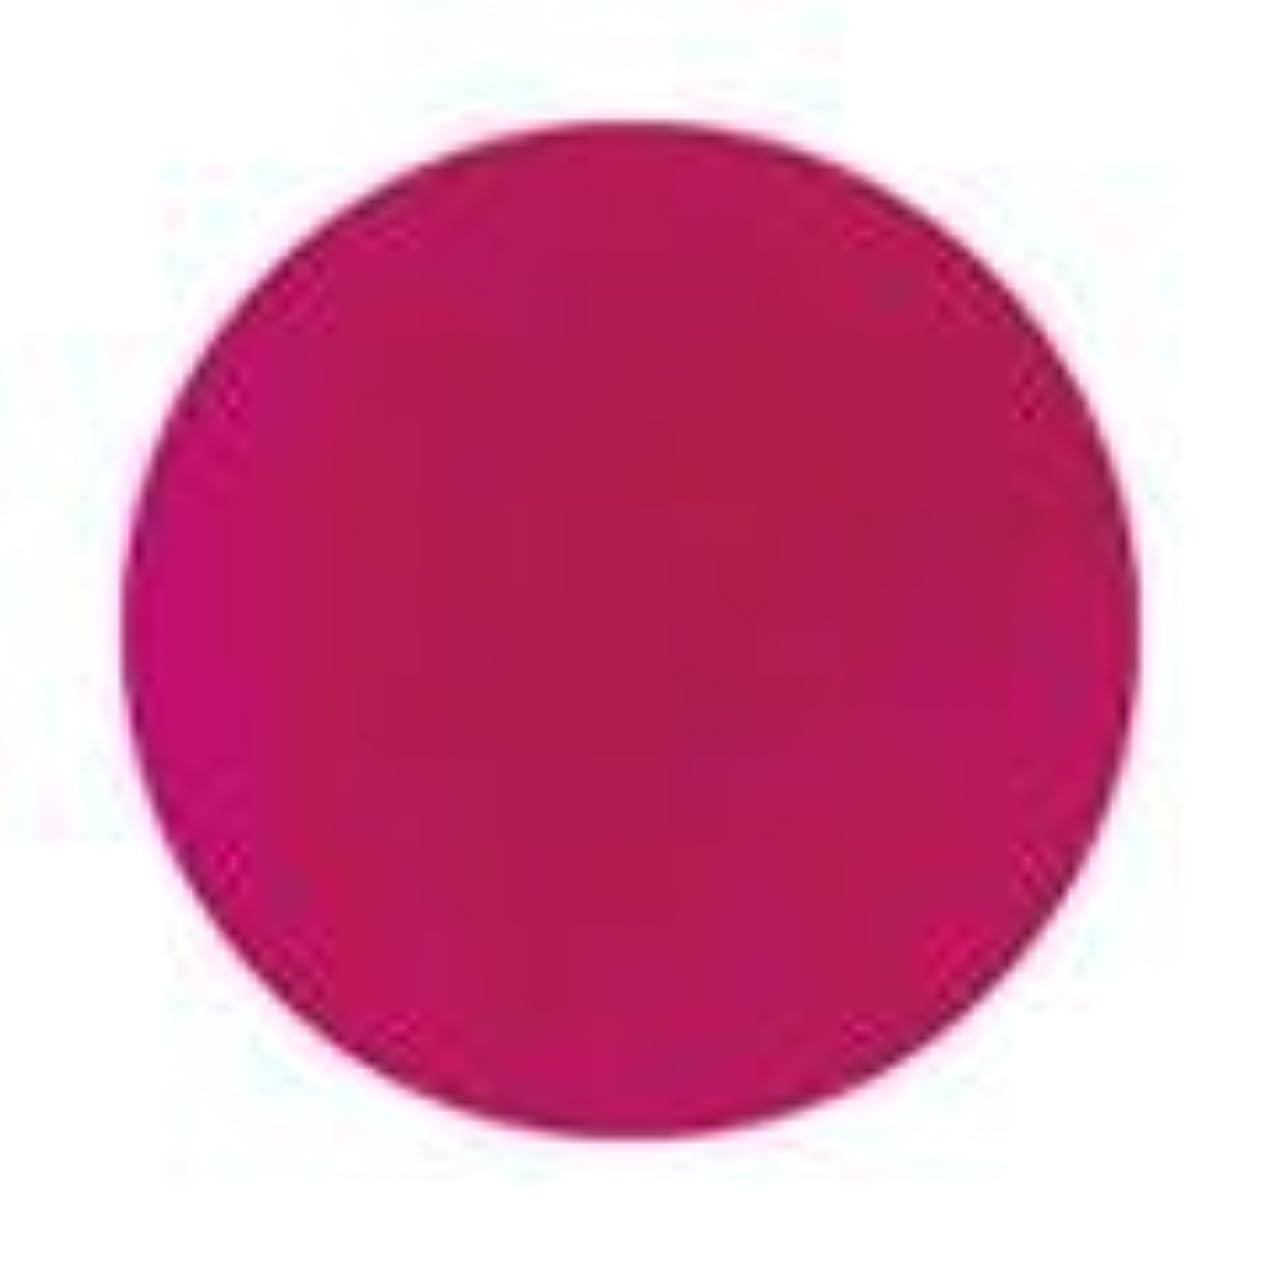 フェデレーションスカープ調停者Jessica ジェレレーション カラー 15ml  463 パッションネイトキッシーズ